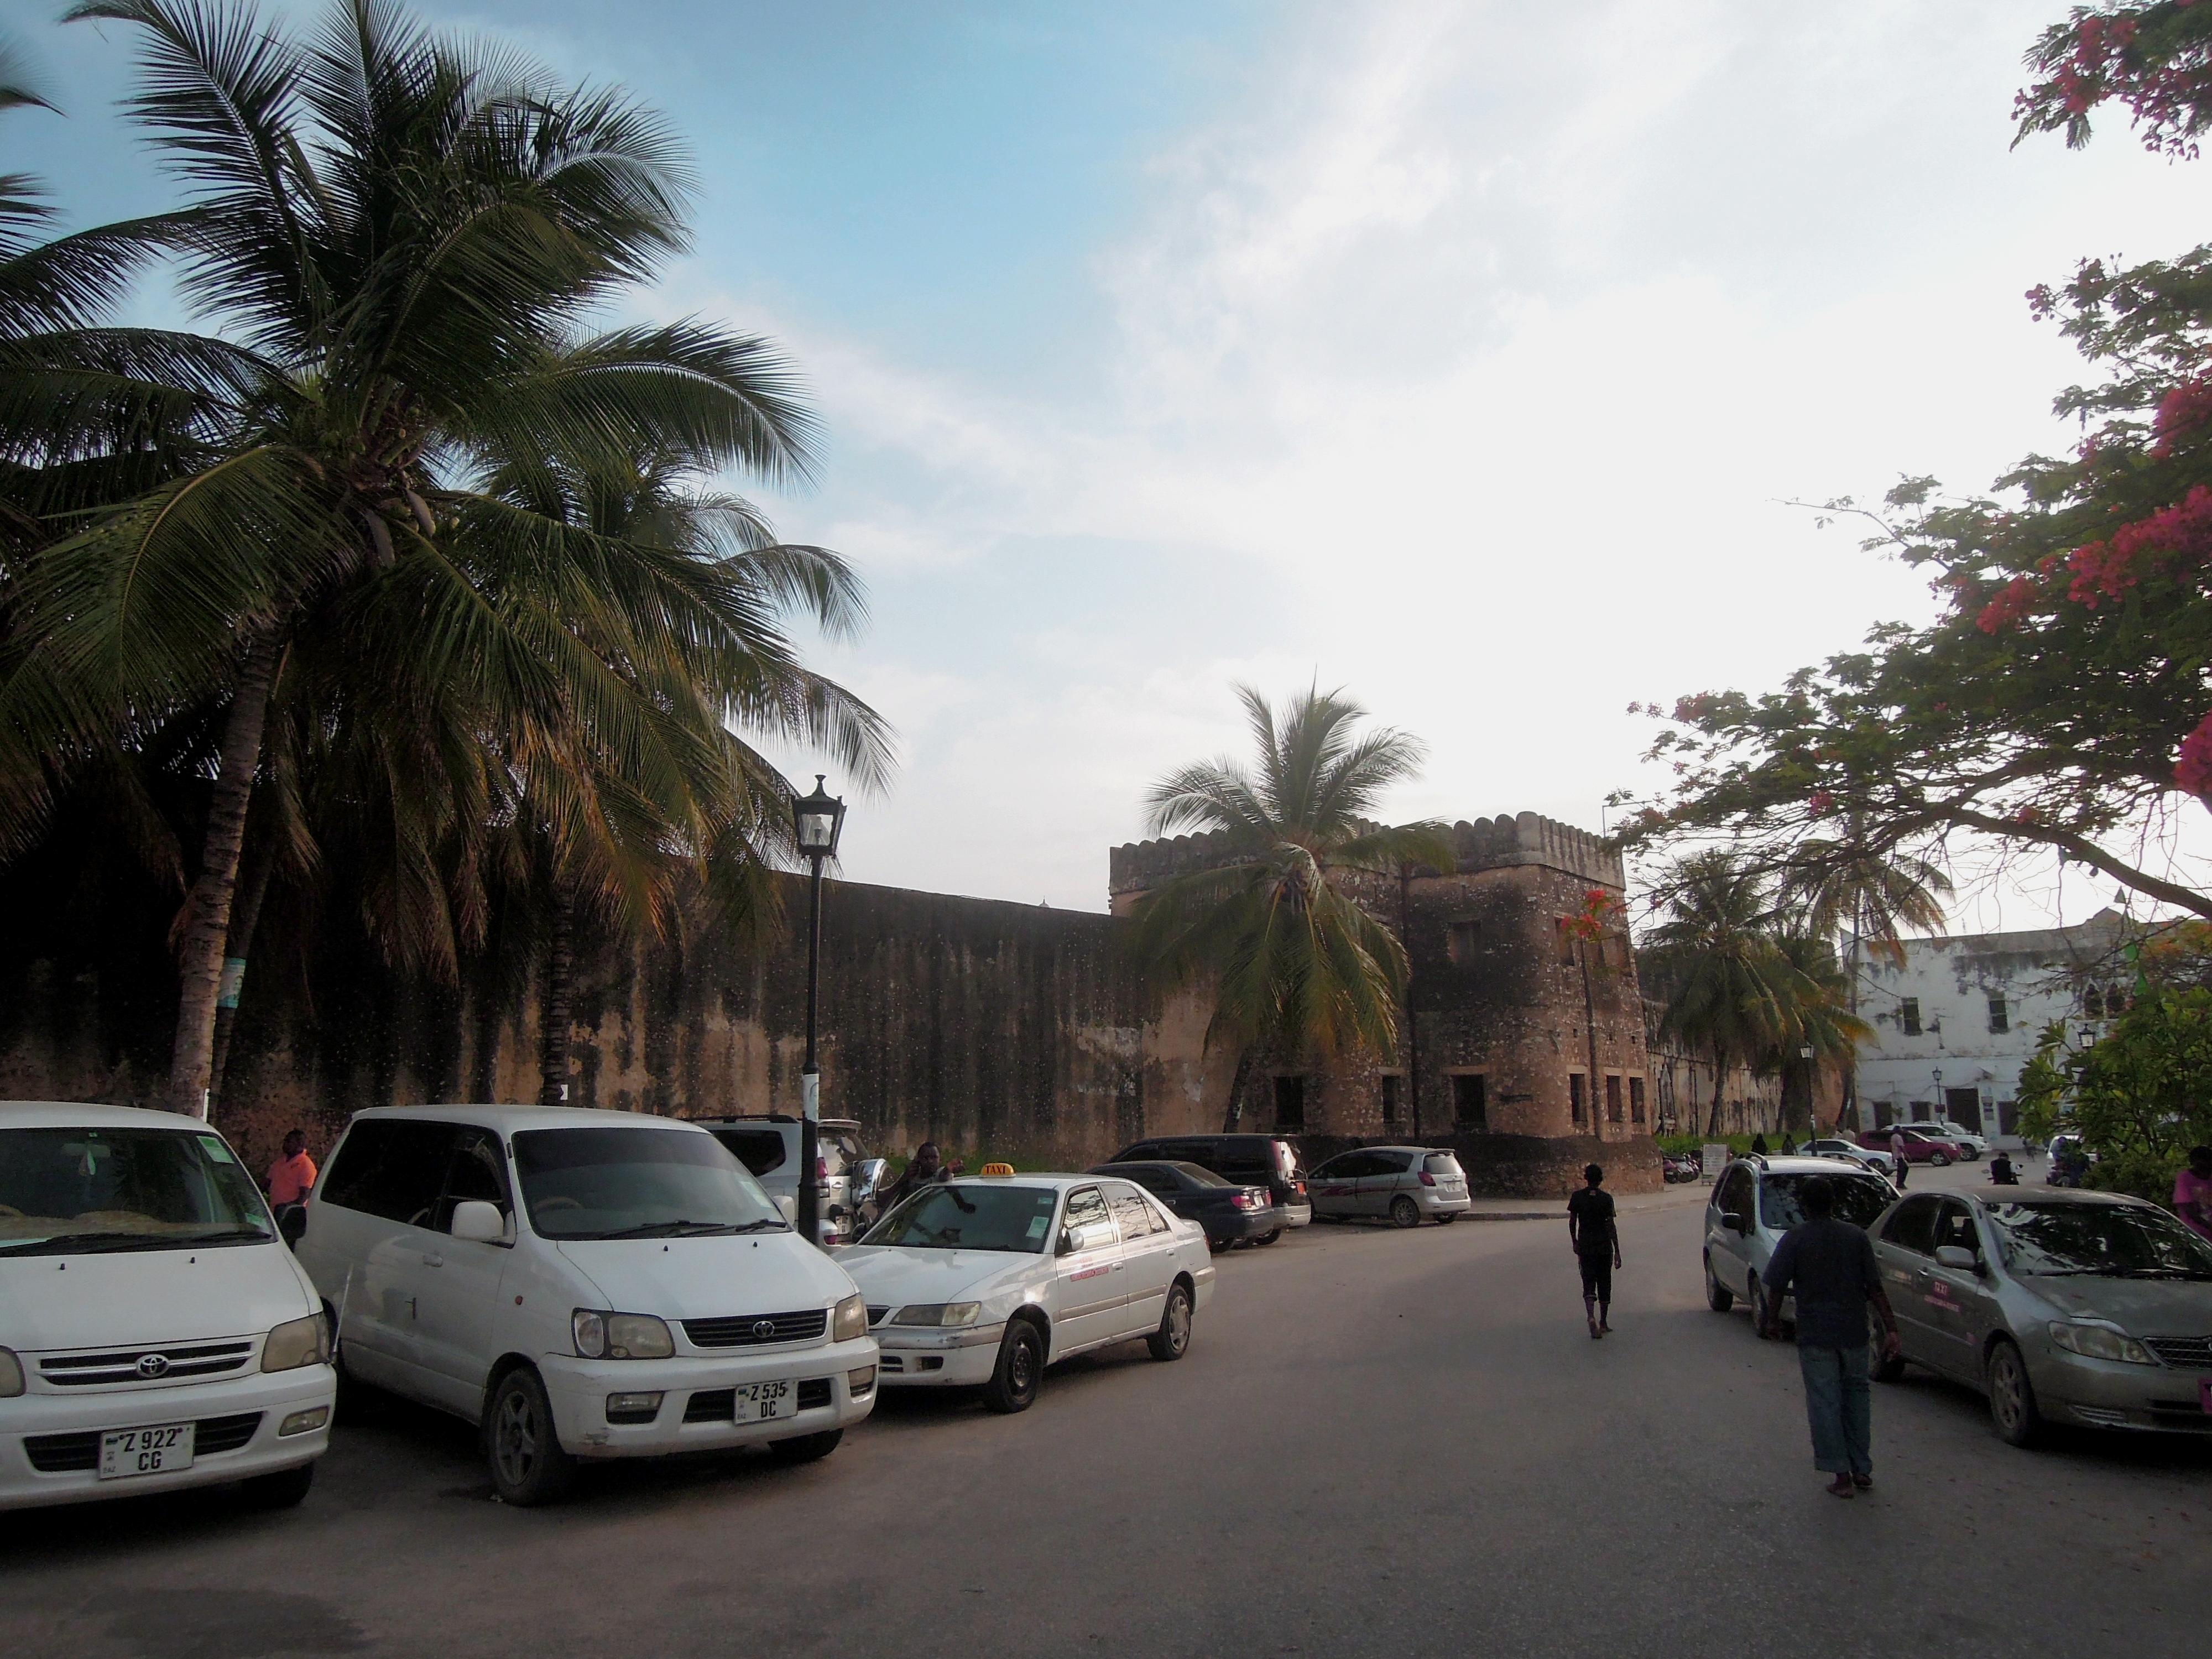 Stary Fort, którego budowę rozpoczęli Portugalczycy, a dokończyli Omańczycy, by bronić się przed Portugalczykami, Stone Town, Zanzibar, Tanzania, fot. M. Lehrmann